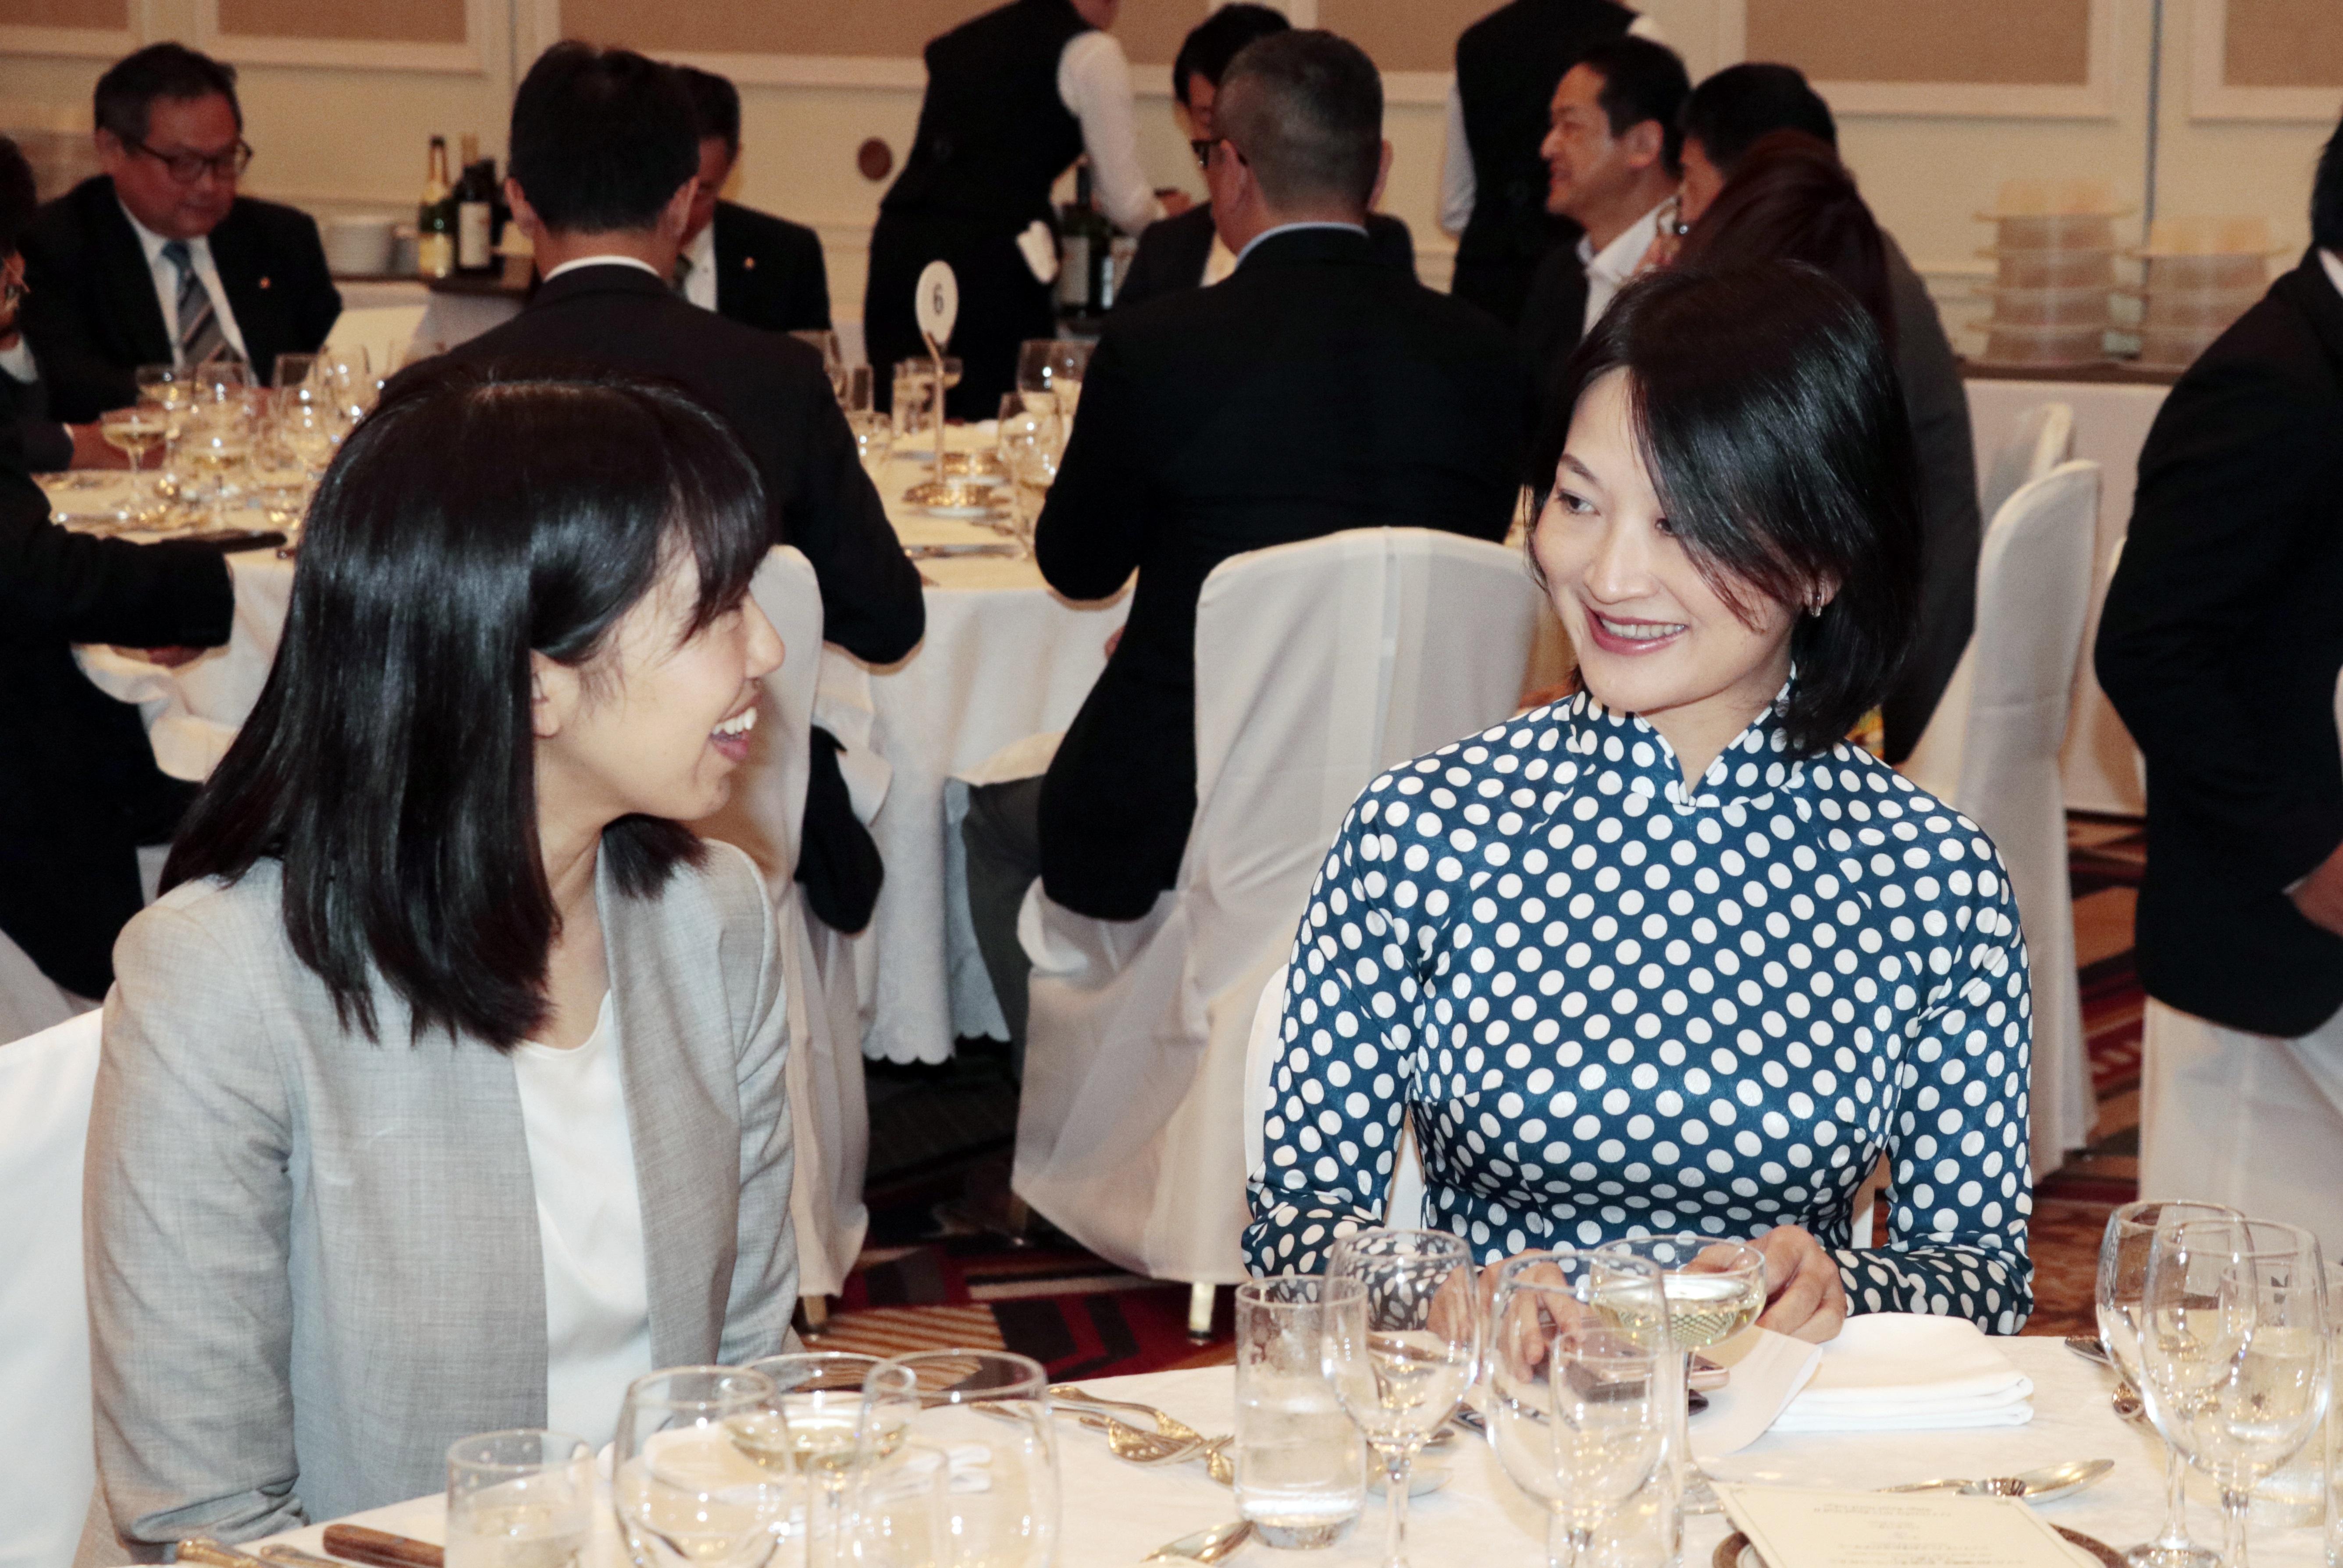 Chị Nguyễn Thị Hồng Nhung (phải), Giám đốc Học viện FPT Japan, cho hay, đơn vị mong muốn tạo cho học viên môi trường học thật, làm thật và sống thật. Trường Nhật ngữ FPT khác các trường tiếng Nhật khác ở 3 điểm: nhắm tới nhu cầu tuyển dụng của các doanh nghiệp Nhật; cách thức triển khai hướng tới giao tiếp với 50% thời lượng là các giờ hội thoại tình huống; và trường có hệ thống hỗ trợ học viên tốt, tận dụng nguồn hỗ trợ từ doanh nghiệp.